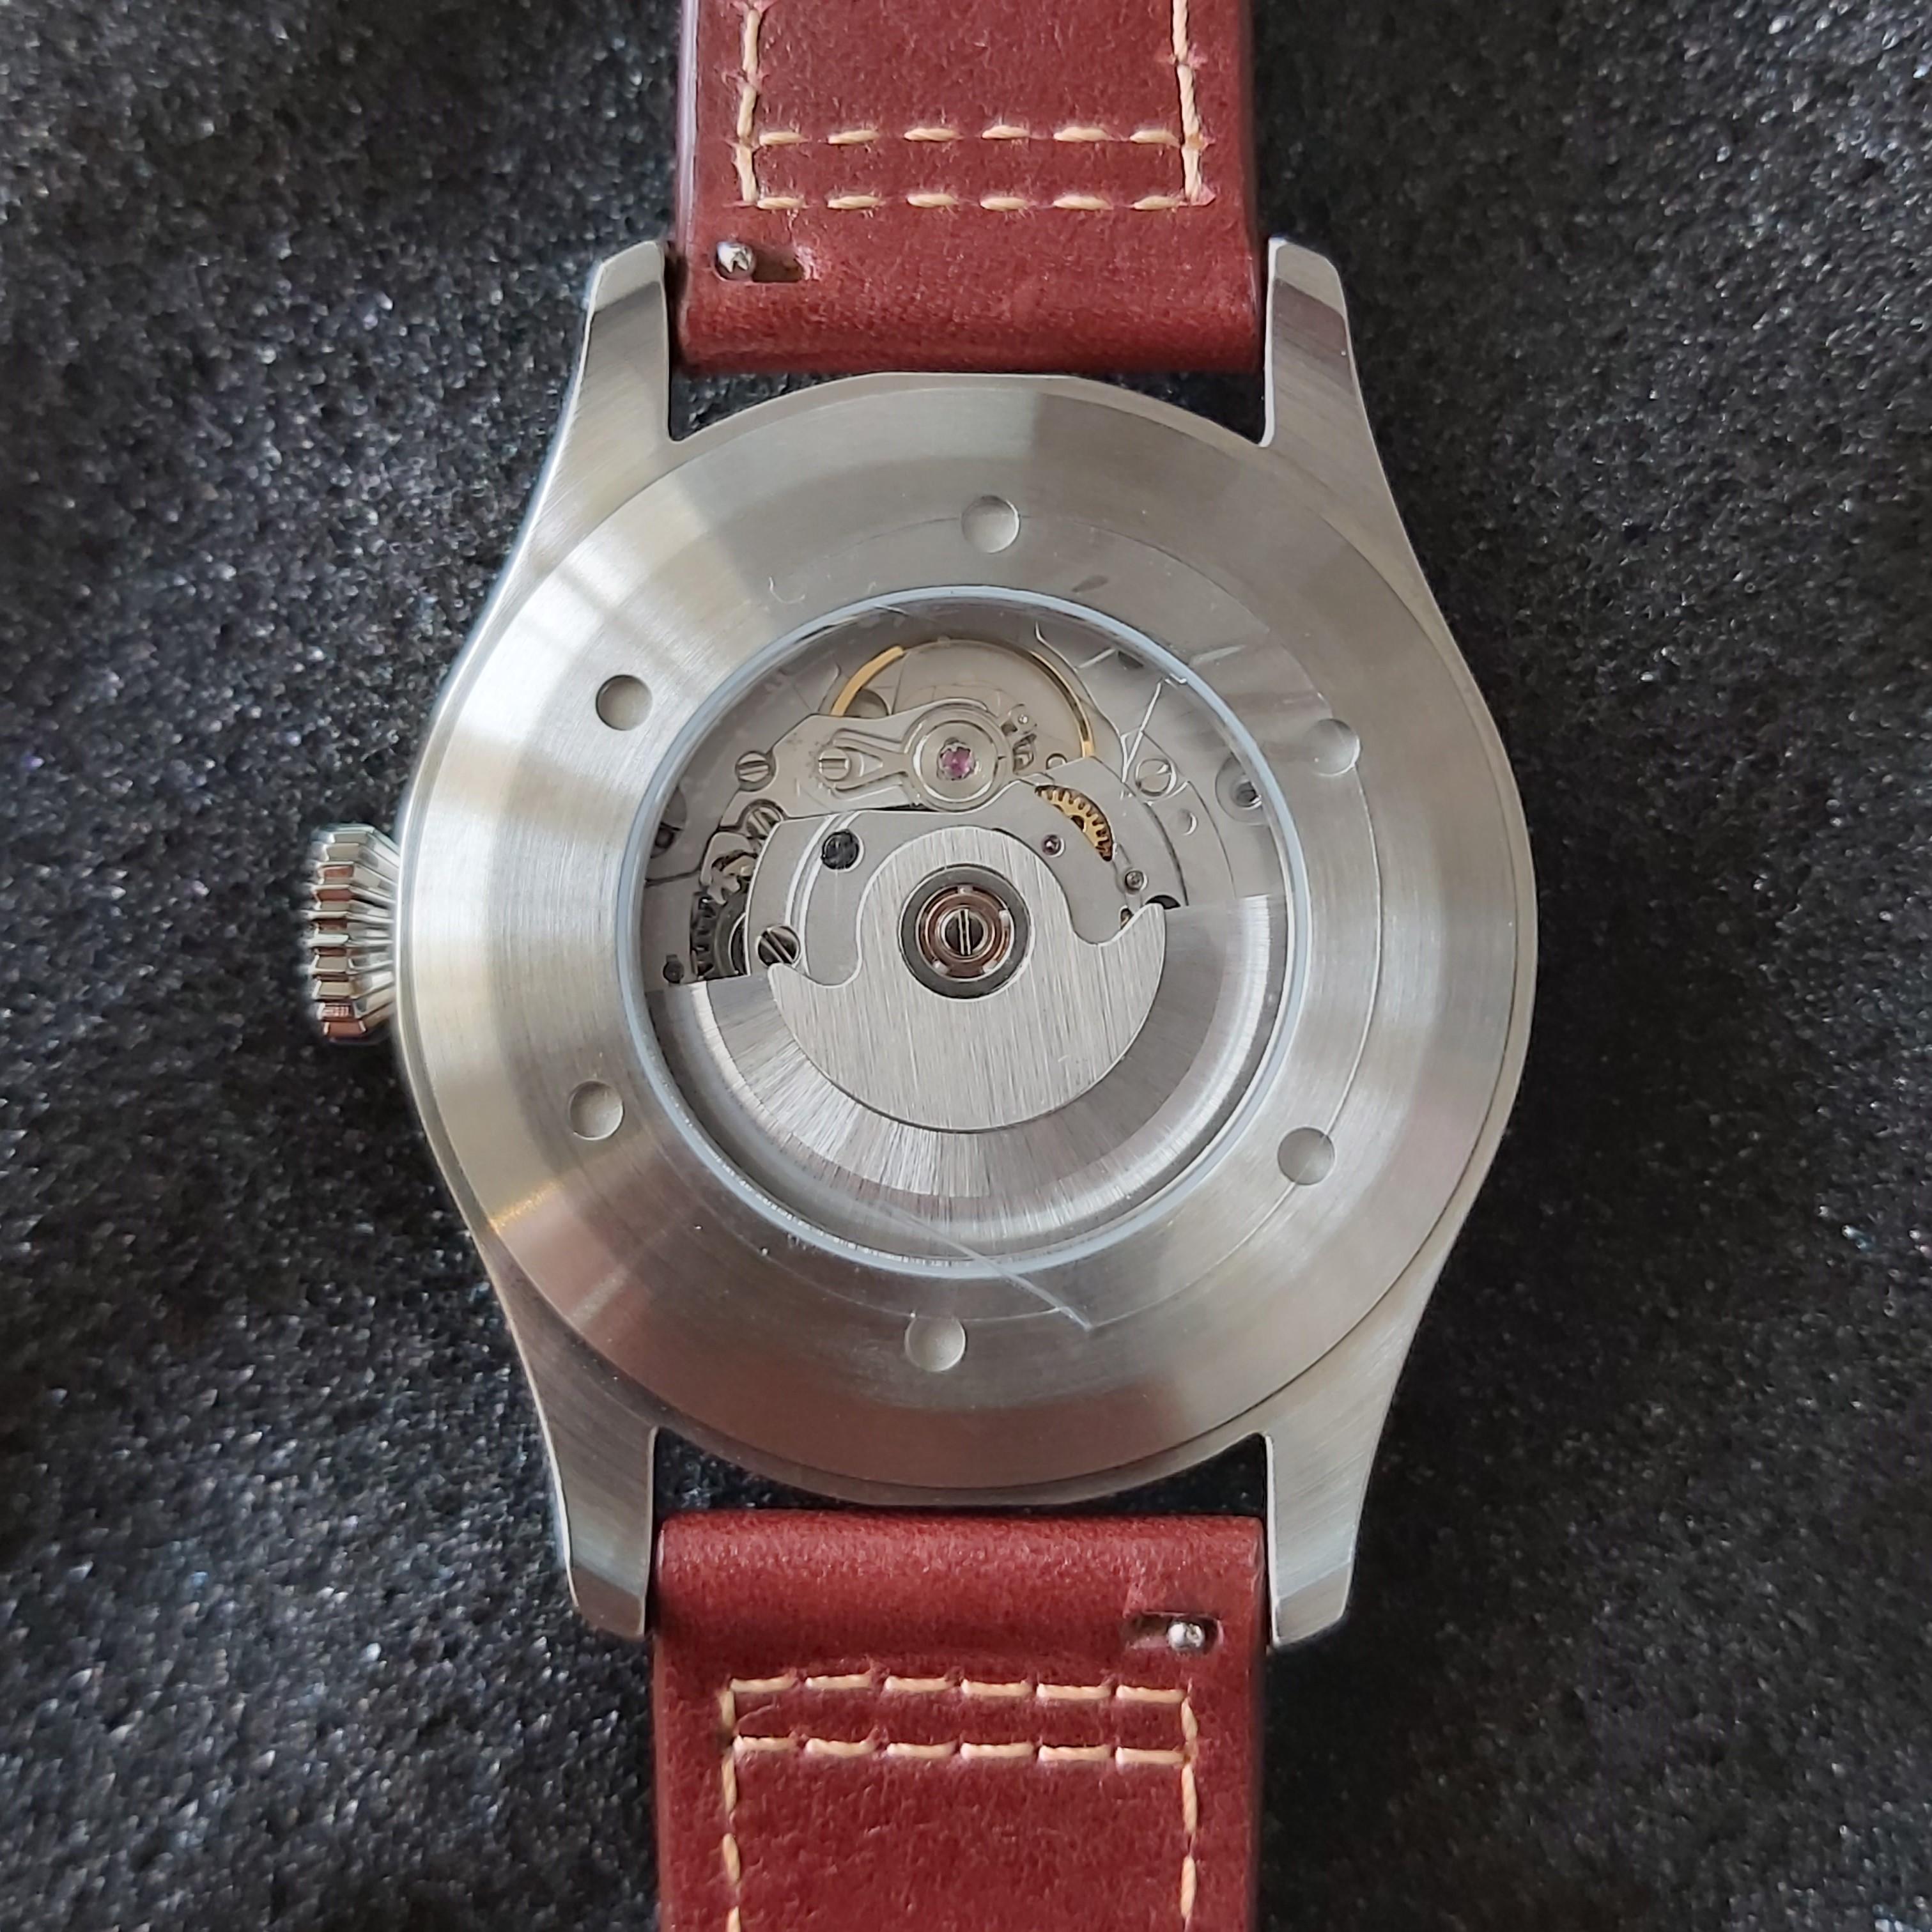 San Martin SN060-G Flieger-B Pilot's Series Watch